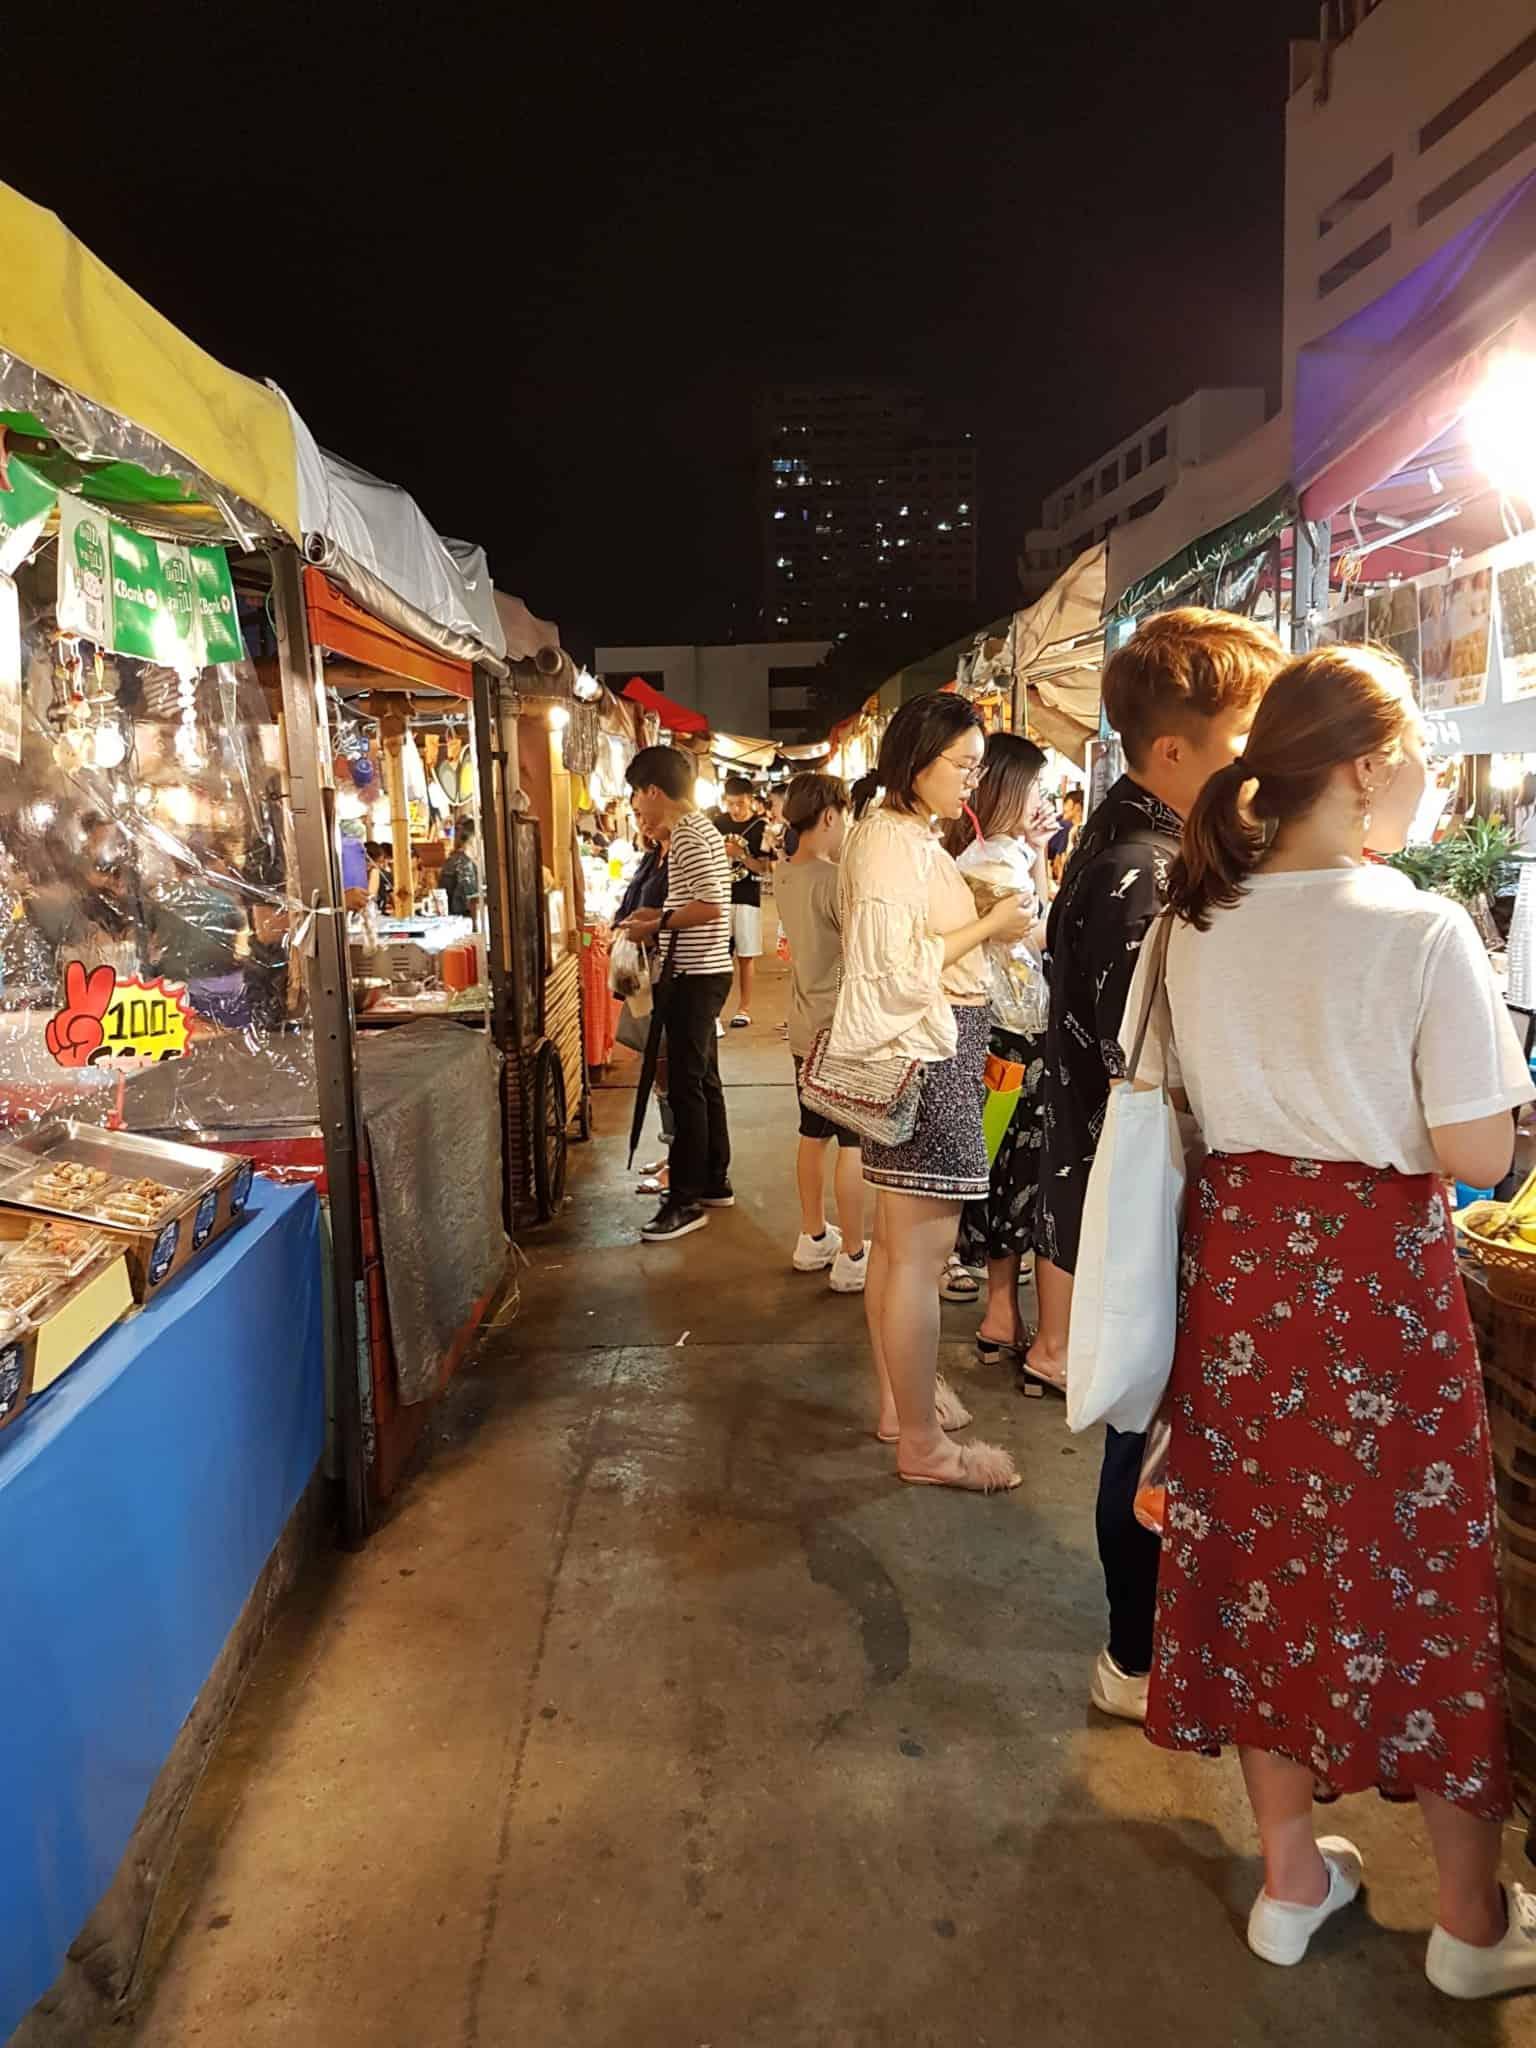 Thaïlande, les cinq derniers jours de notre périple de huit mois en Asie 🎭 31